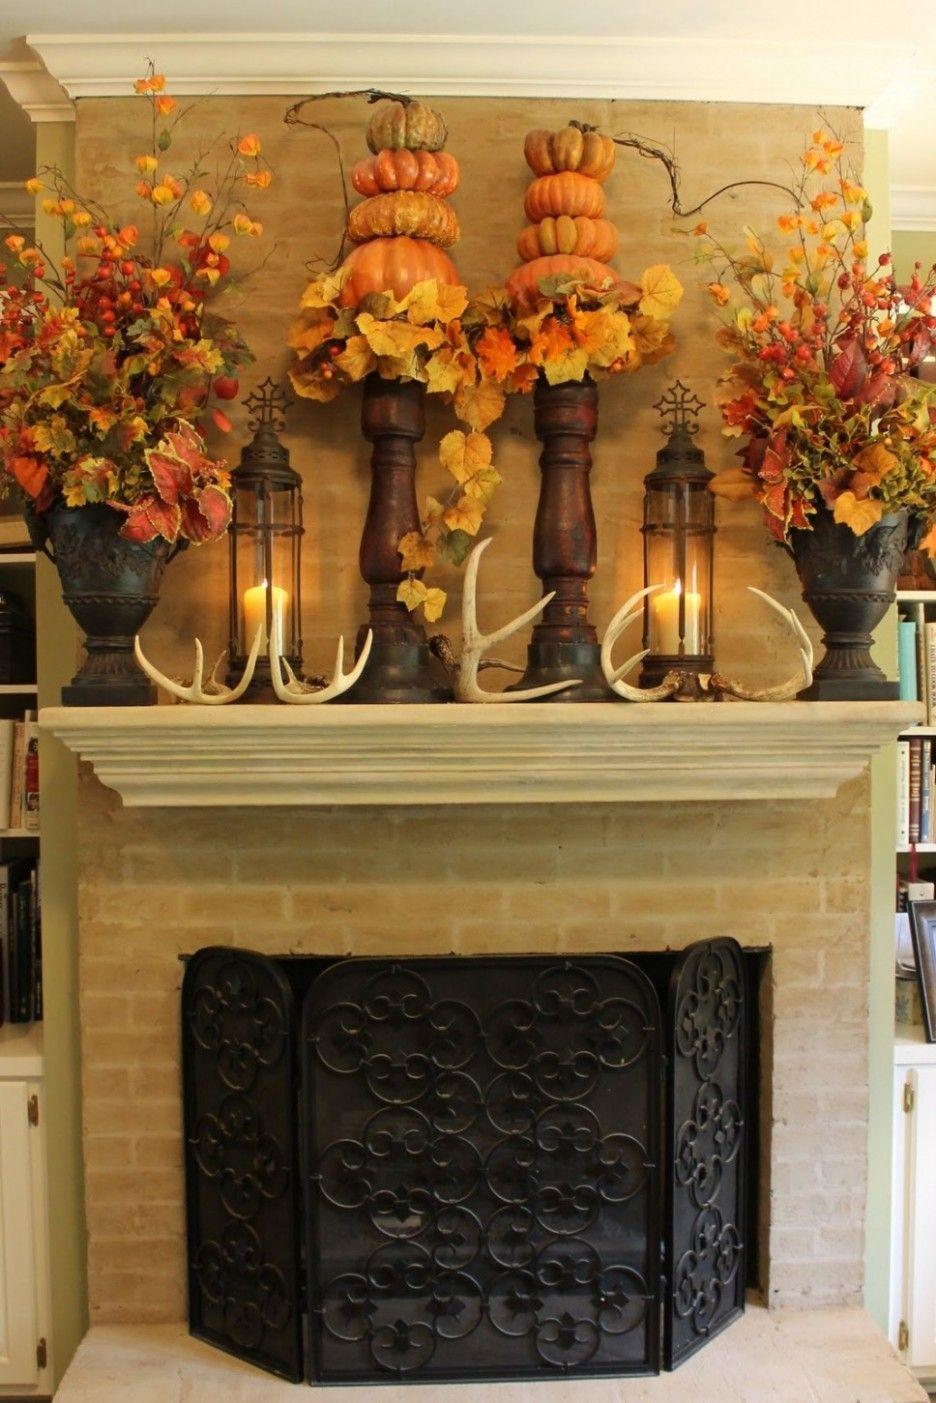 Decorating astonishing thanksgiving mantel decorations for Thanksgiving decorations ideas for office